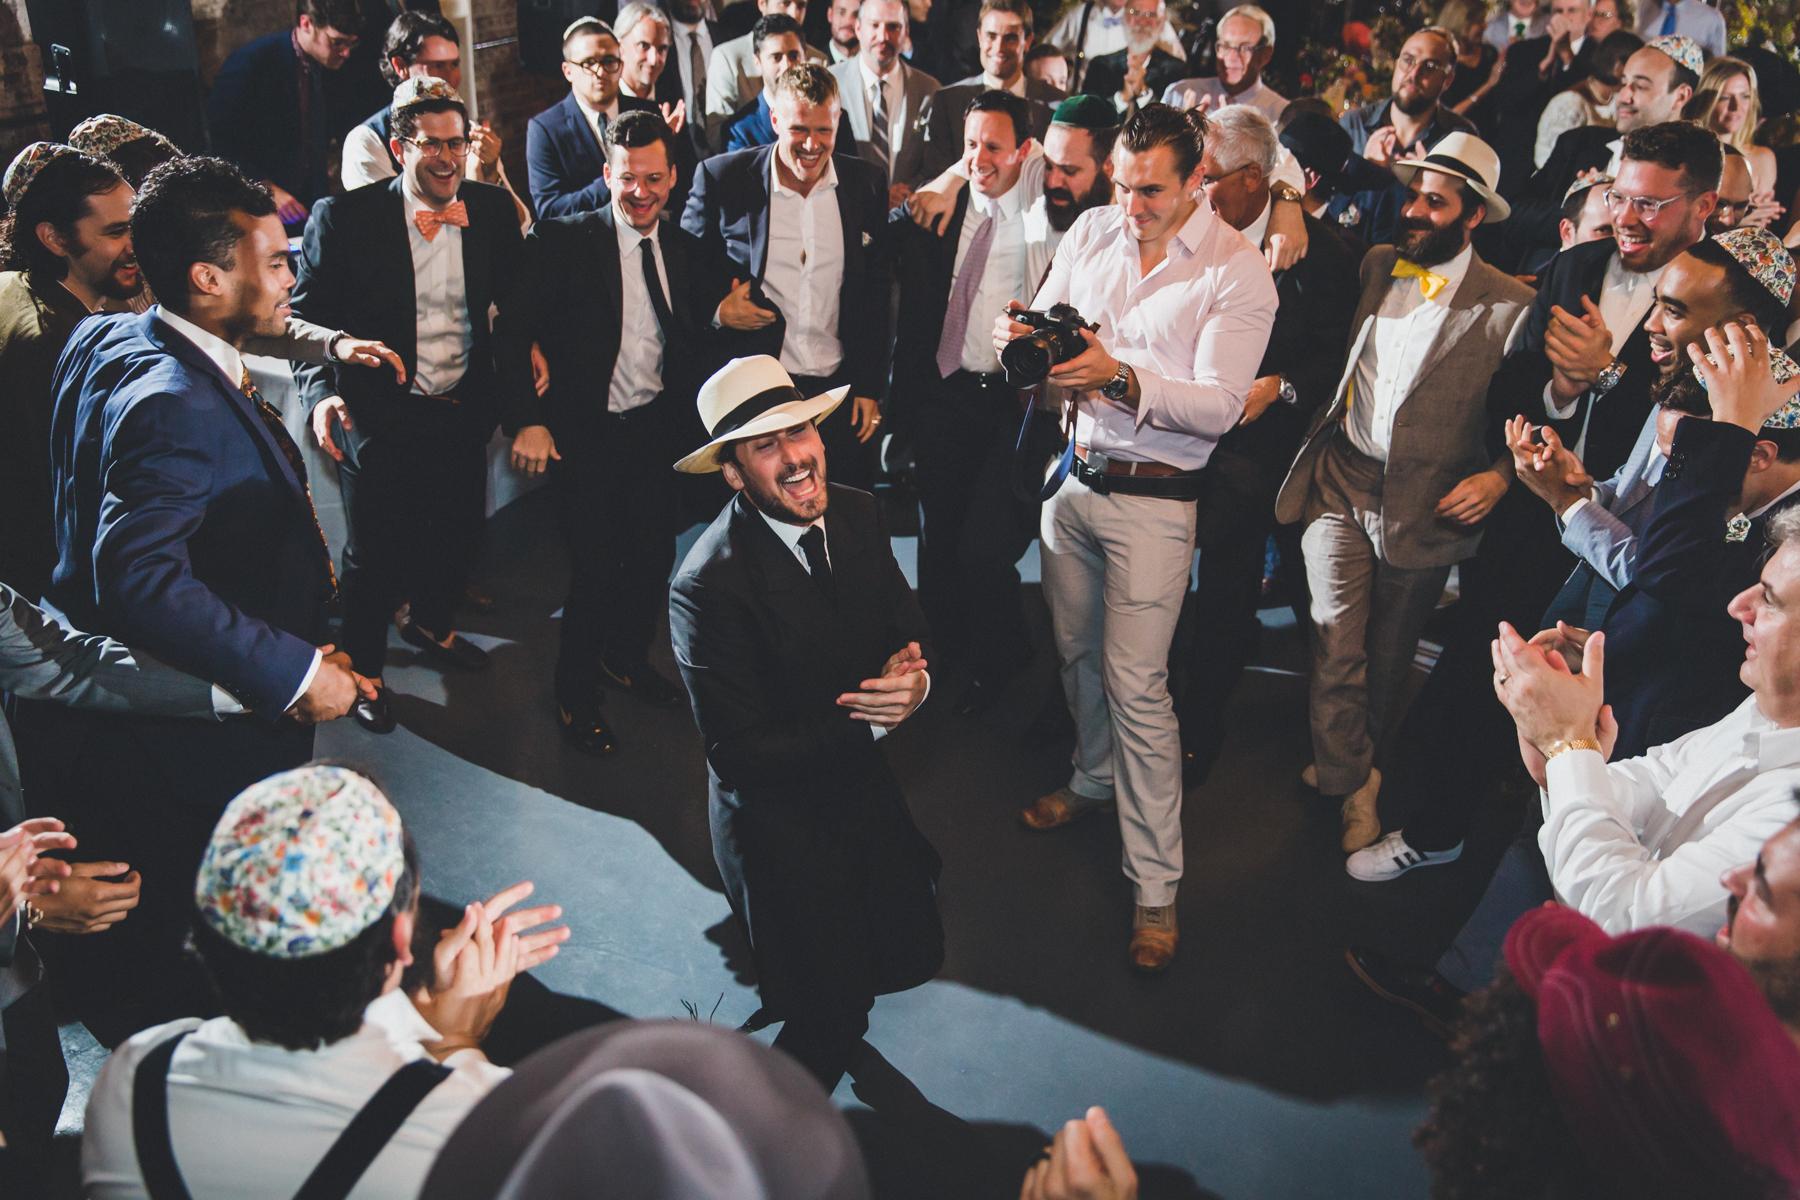 Wythe-Hotel-Green-Building-Brooklyn-Documentary-Wedding-Photography-97.jpg